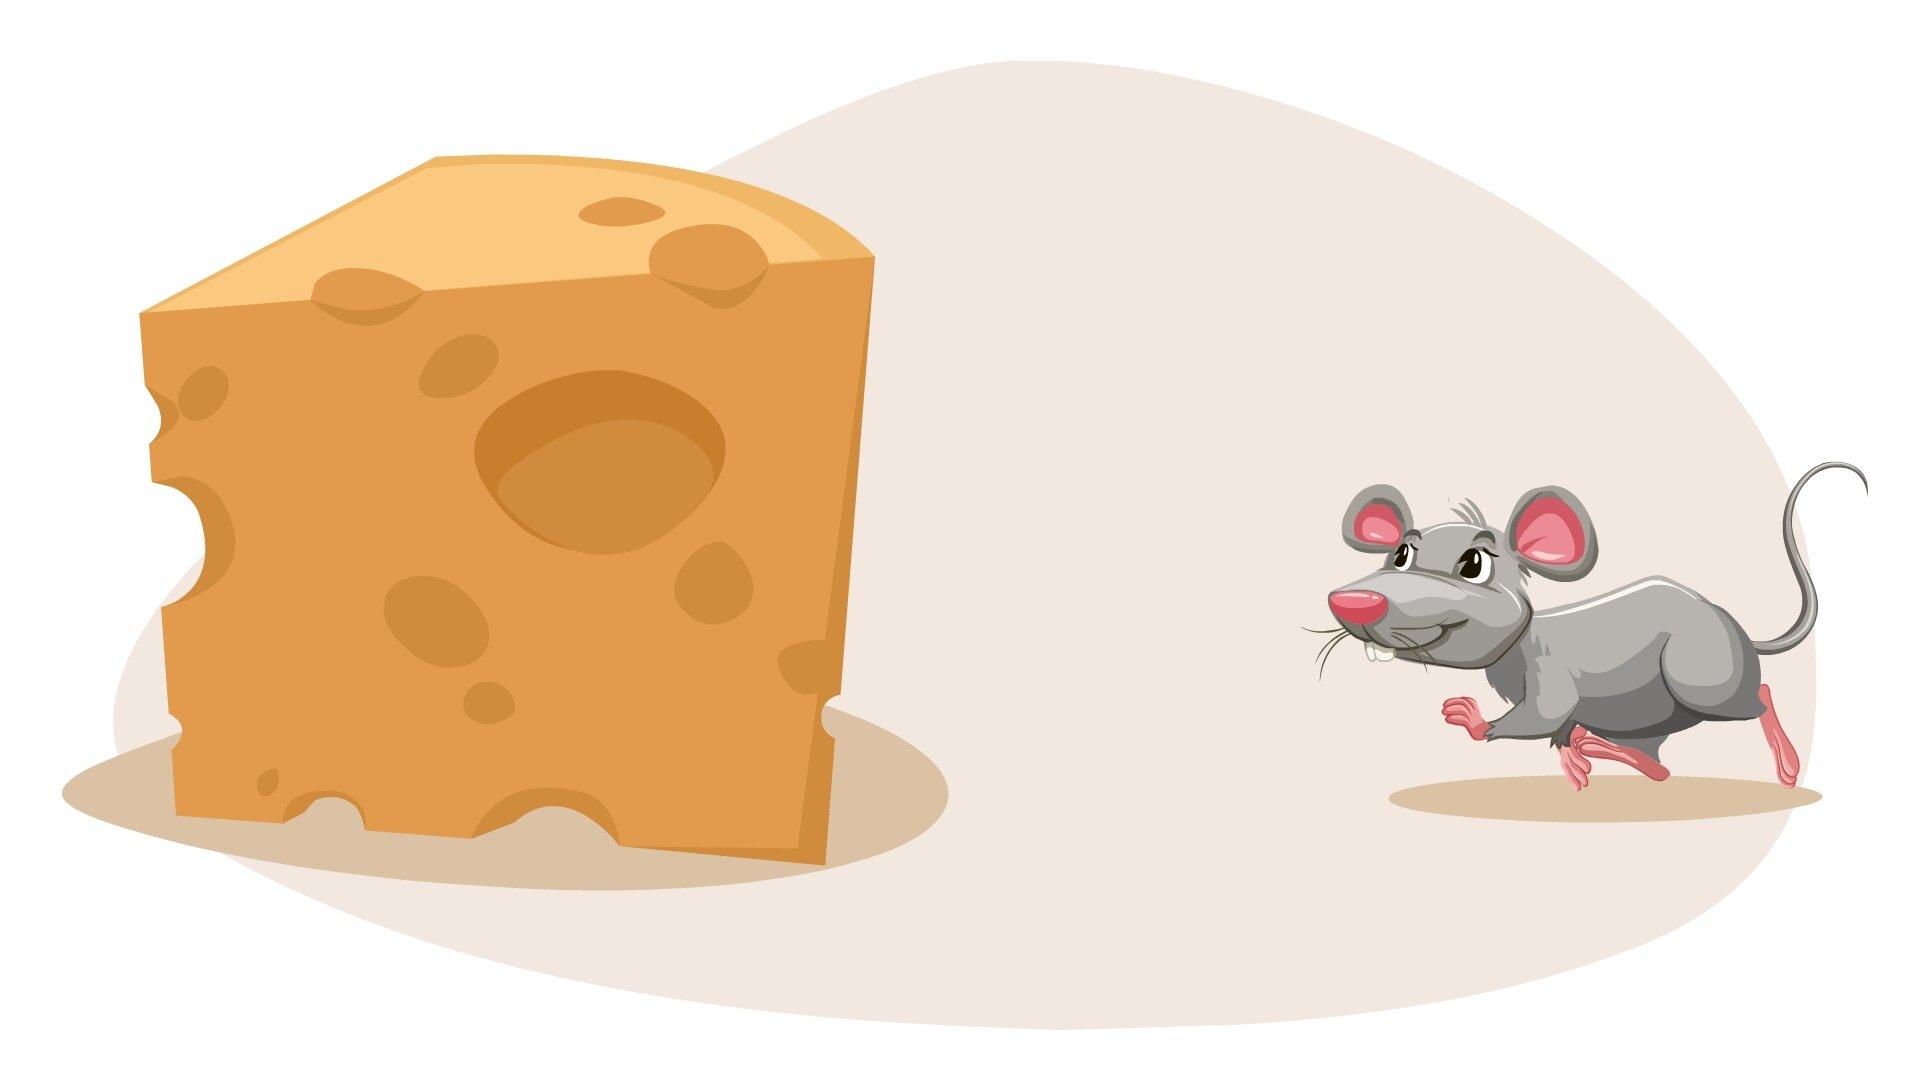 Ilustracja przedstawia mysz obok sera.